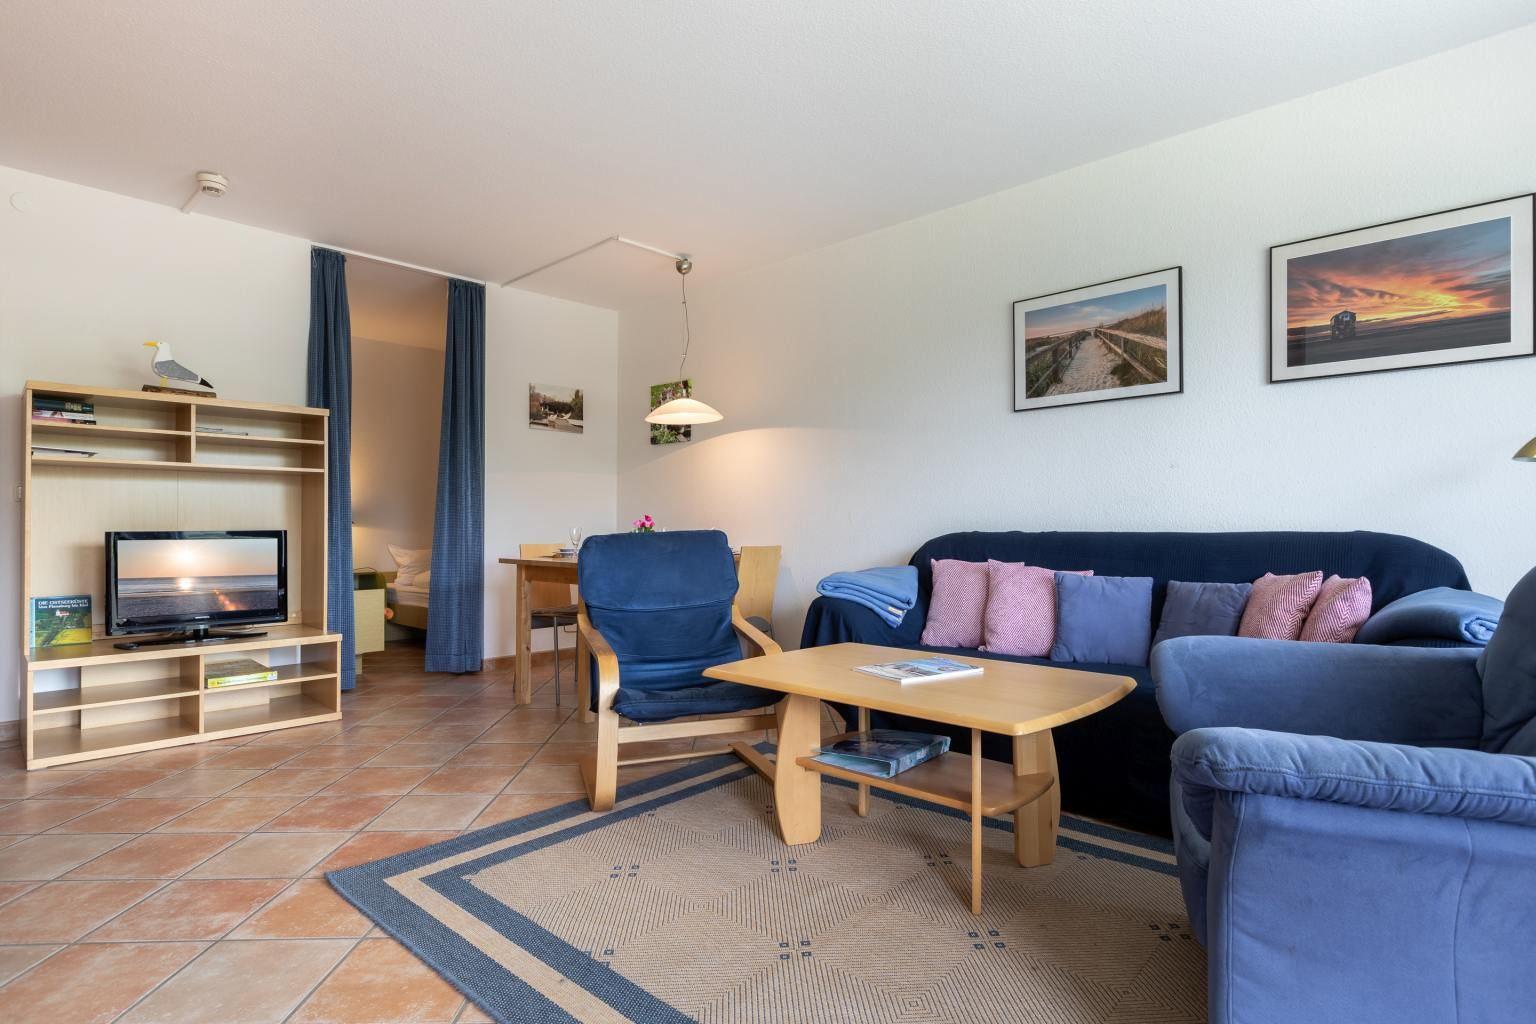 Wohnzimmer und 1. Schlafzimmer, Ferienwohnung 5, St Peter Ording Bad, Haus Atlantic,  Alter Badweg 11-15